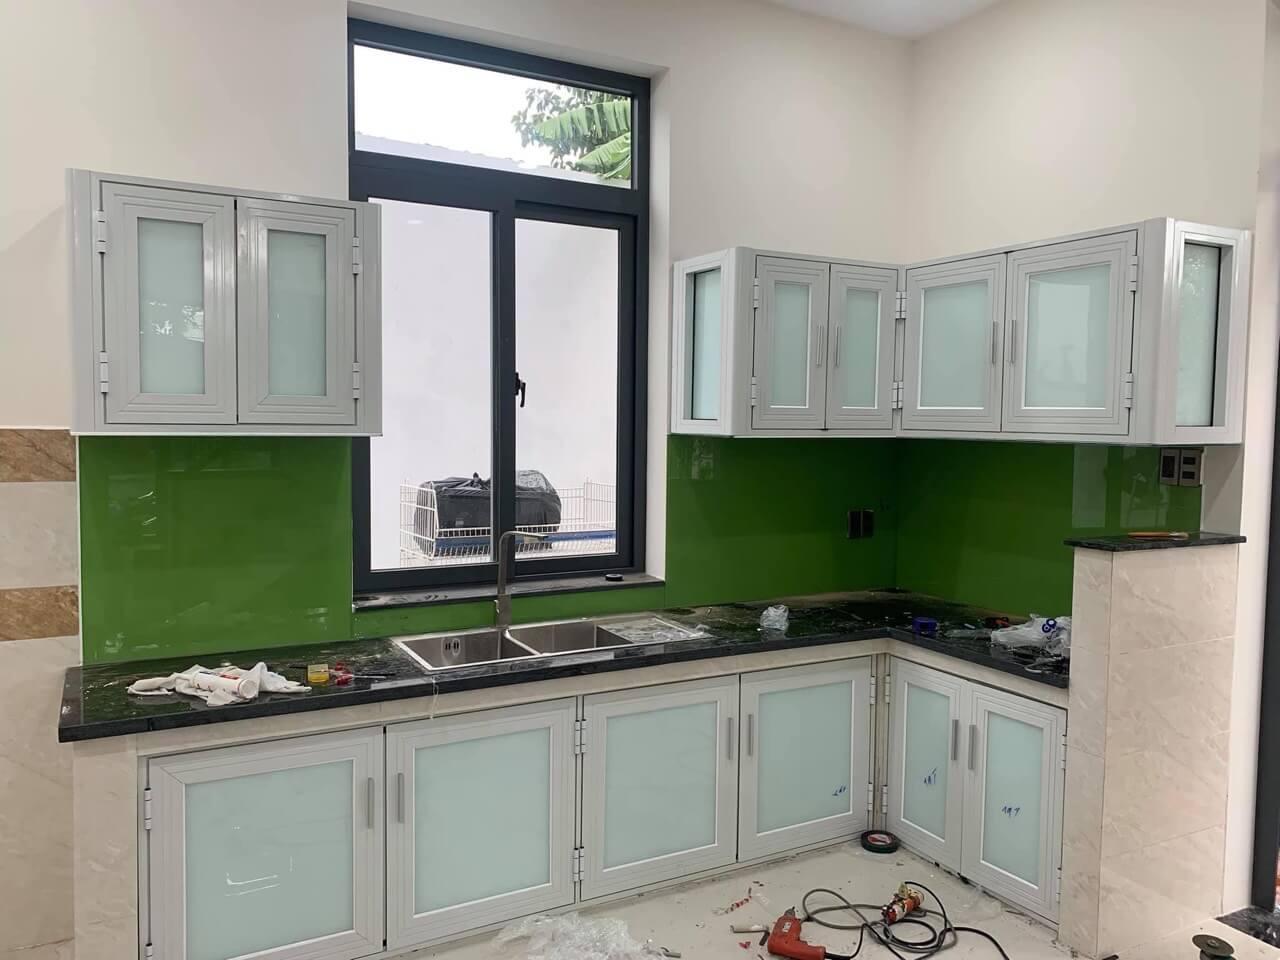 Mẫu cửa sổ nhôm kính phòng bếp hiện đại